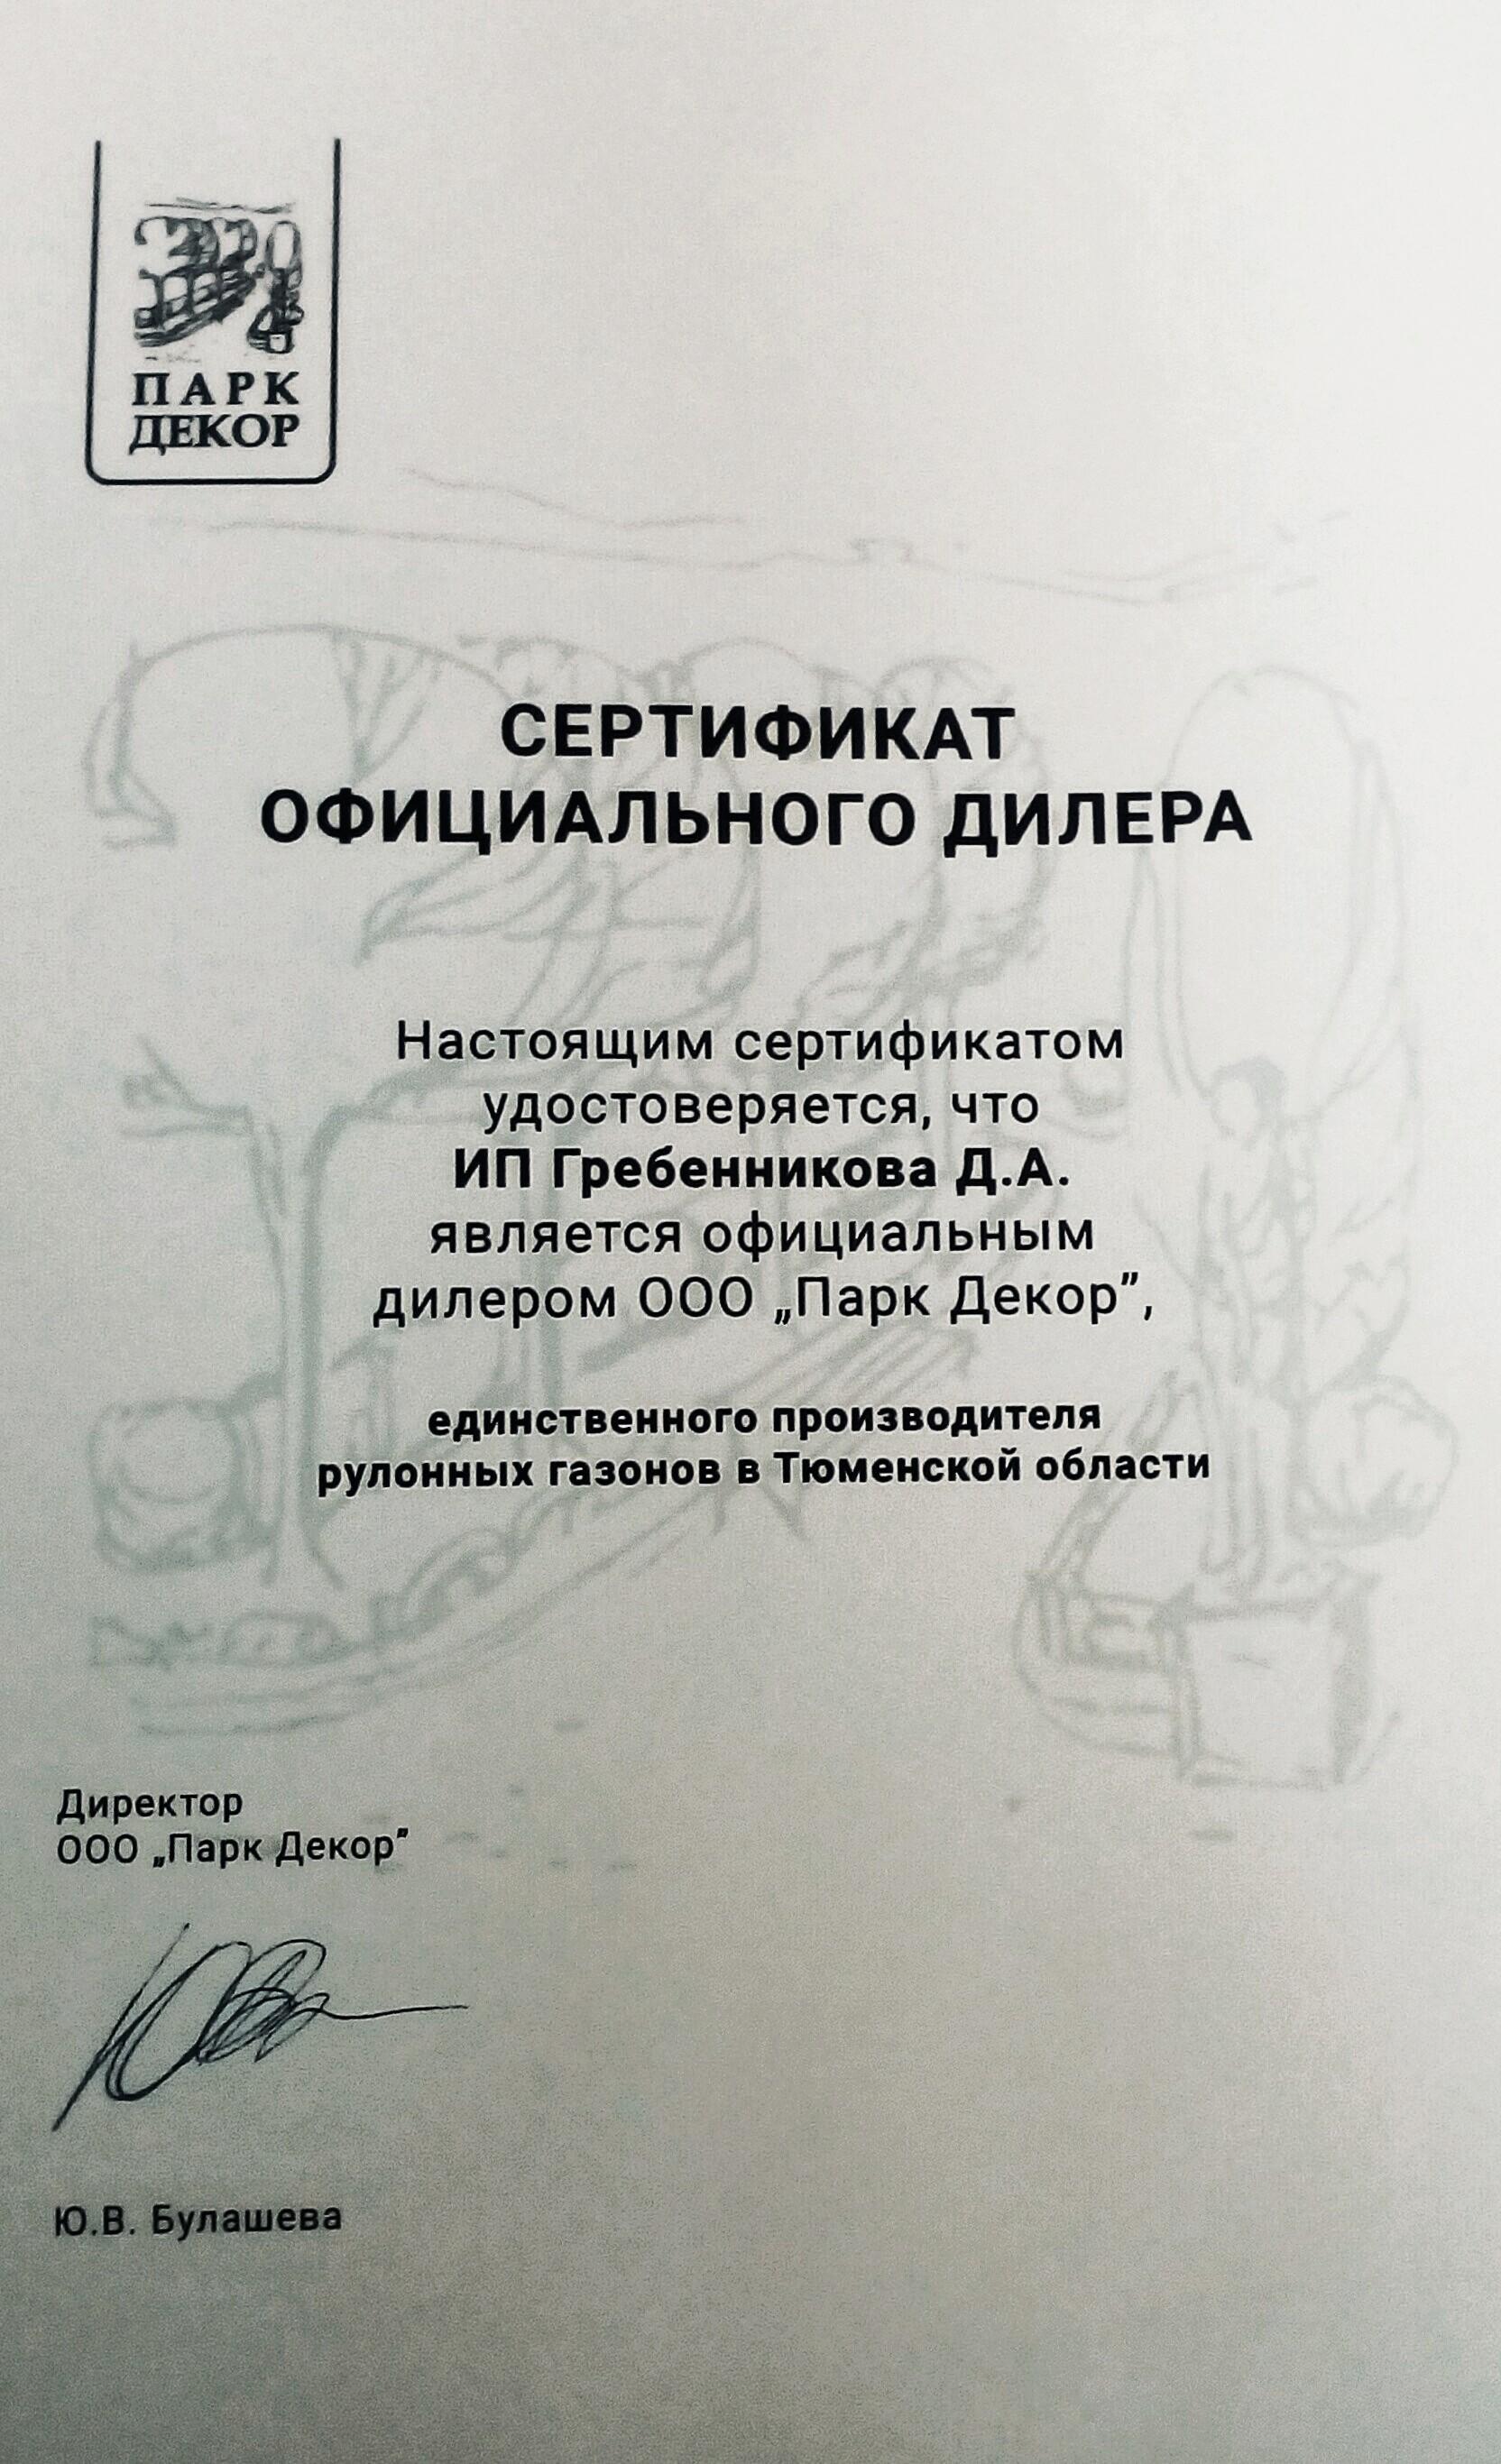 Рулонный газон производство Тюмень купить в Екатеринбурге